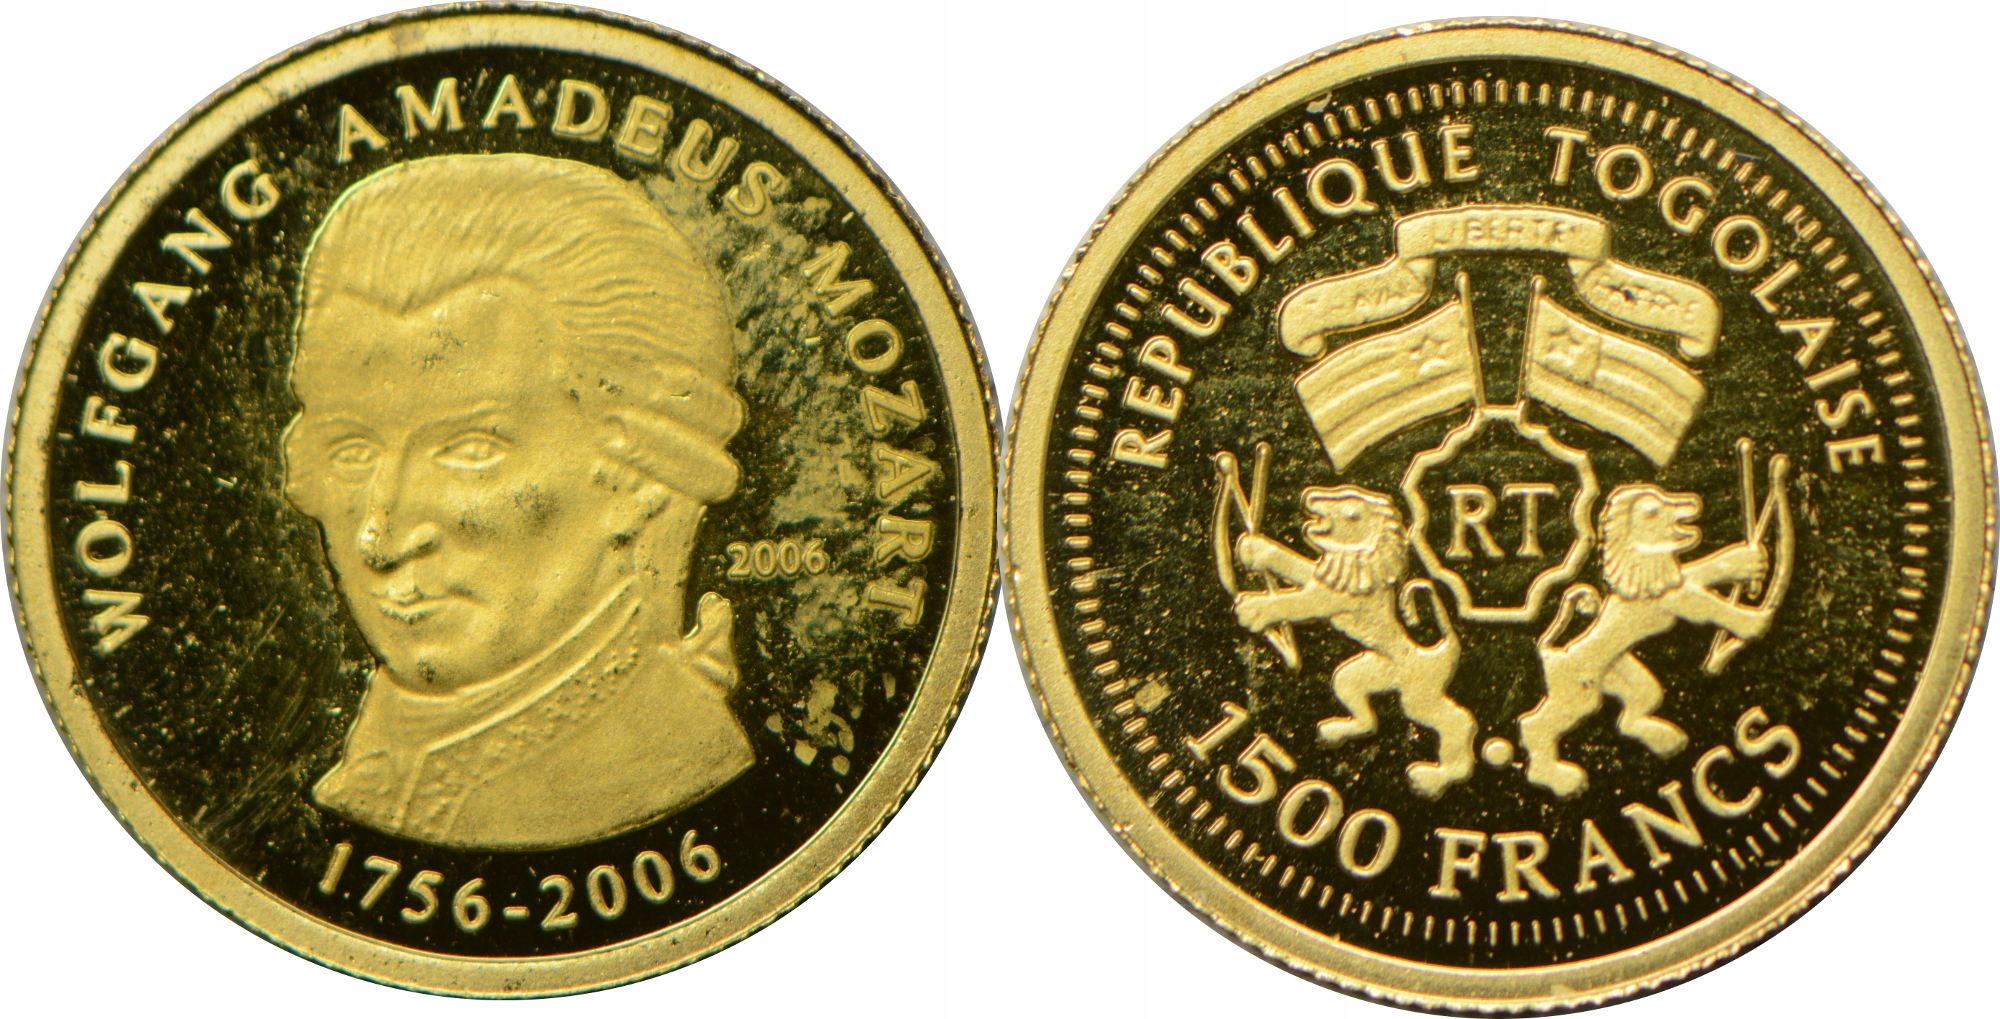 2. TOGO 1500 FR 2006 MOZART ZŁOTO .999 GCN 21.01